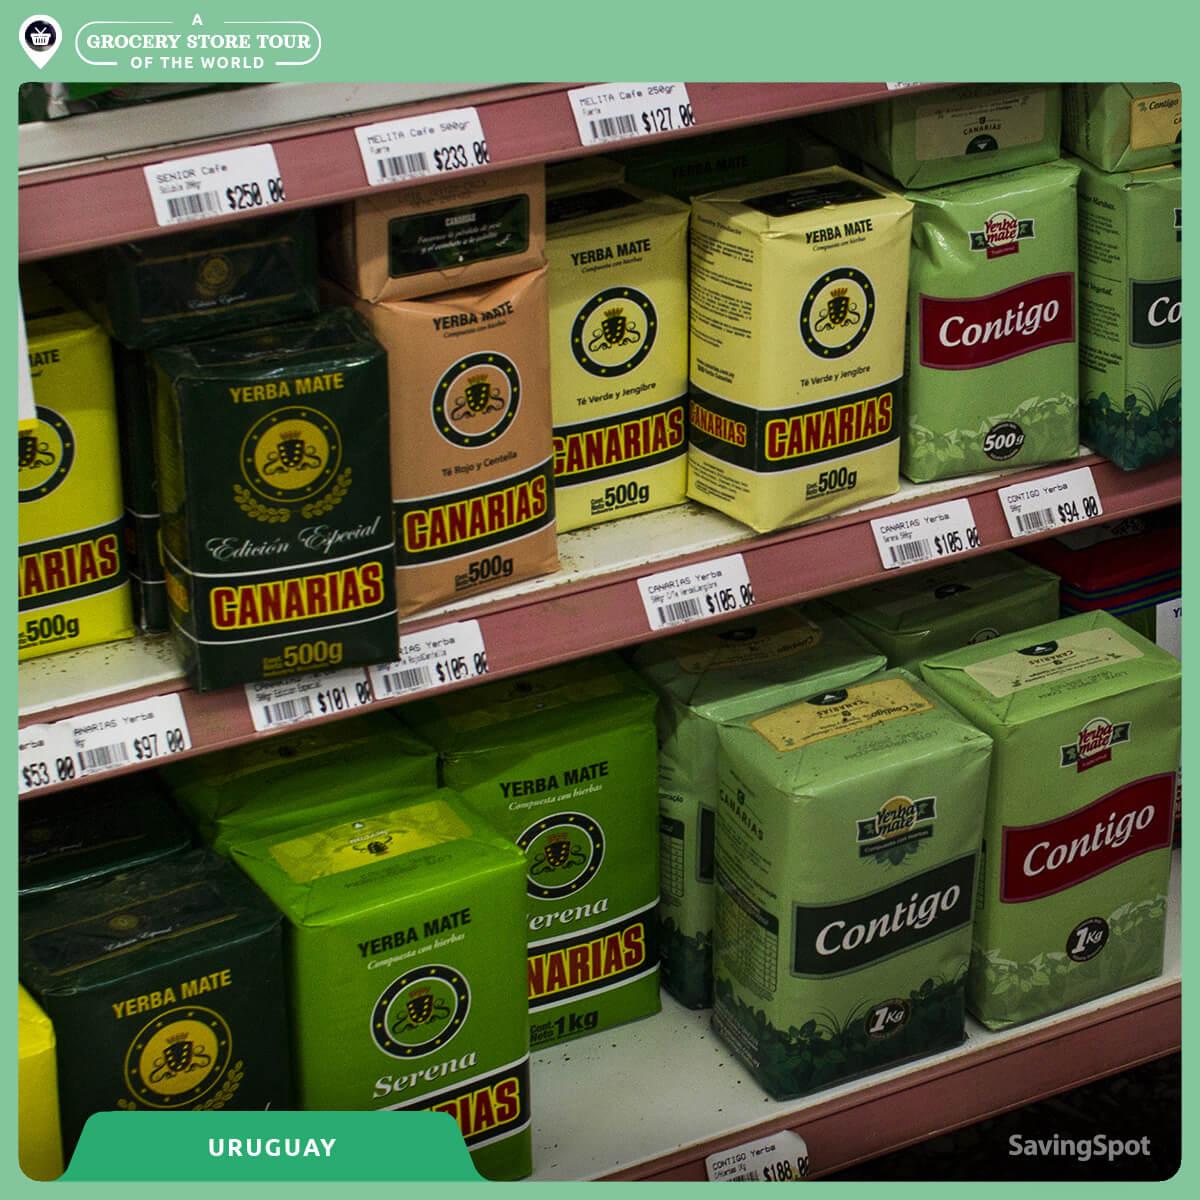 Η μεγάλη ποικιλία τσάι yerba mate στην Ουρουγουάη. Φωτογραφία: SavingSpot